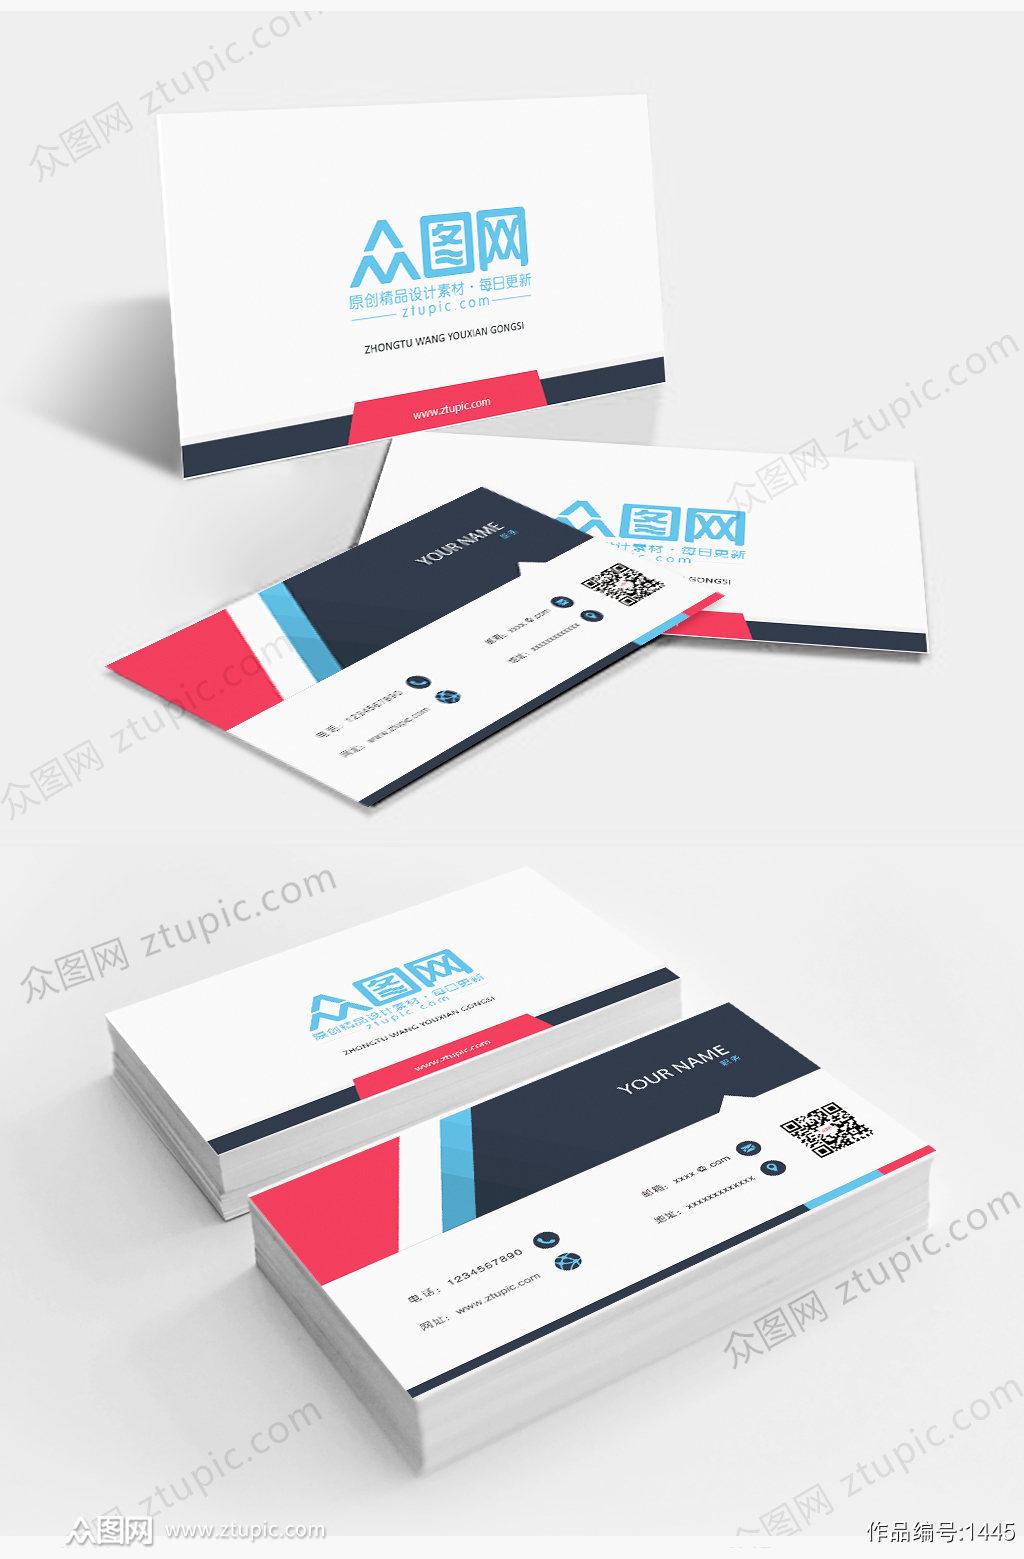 原创高档创意透明名片模板设计素材